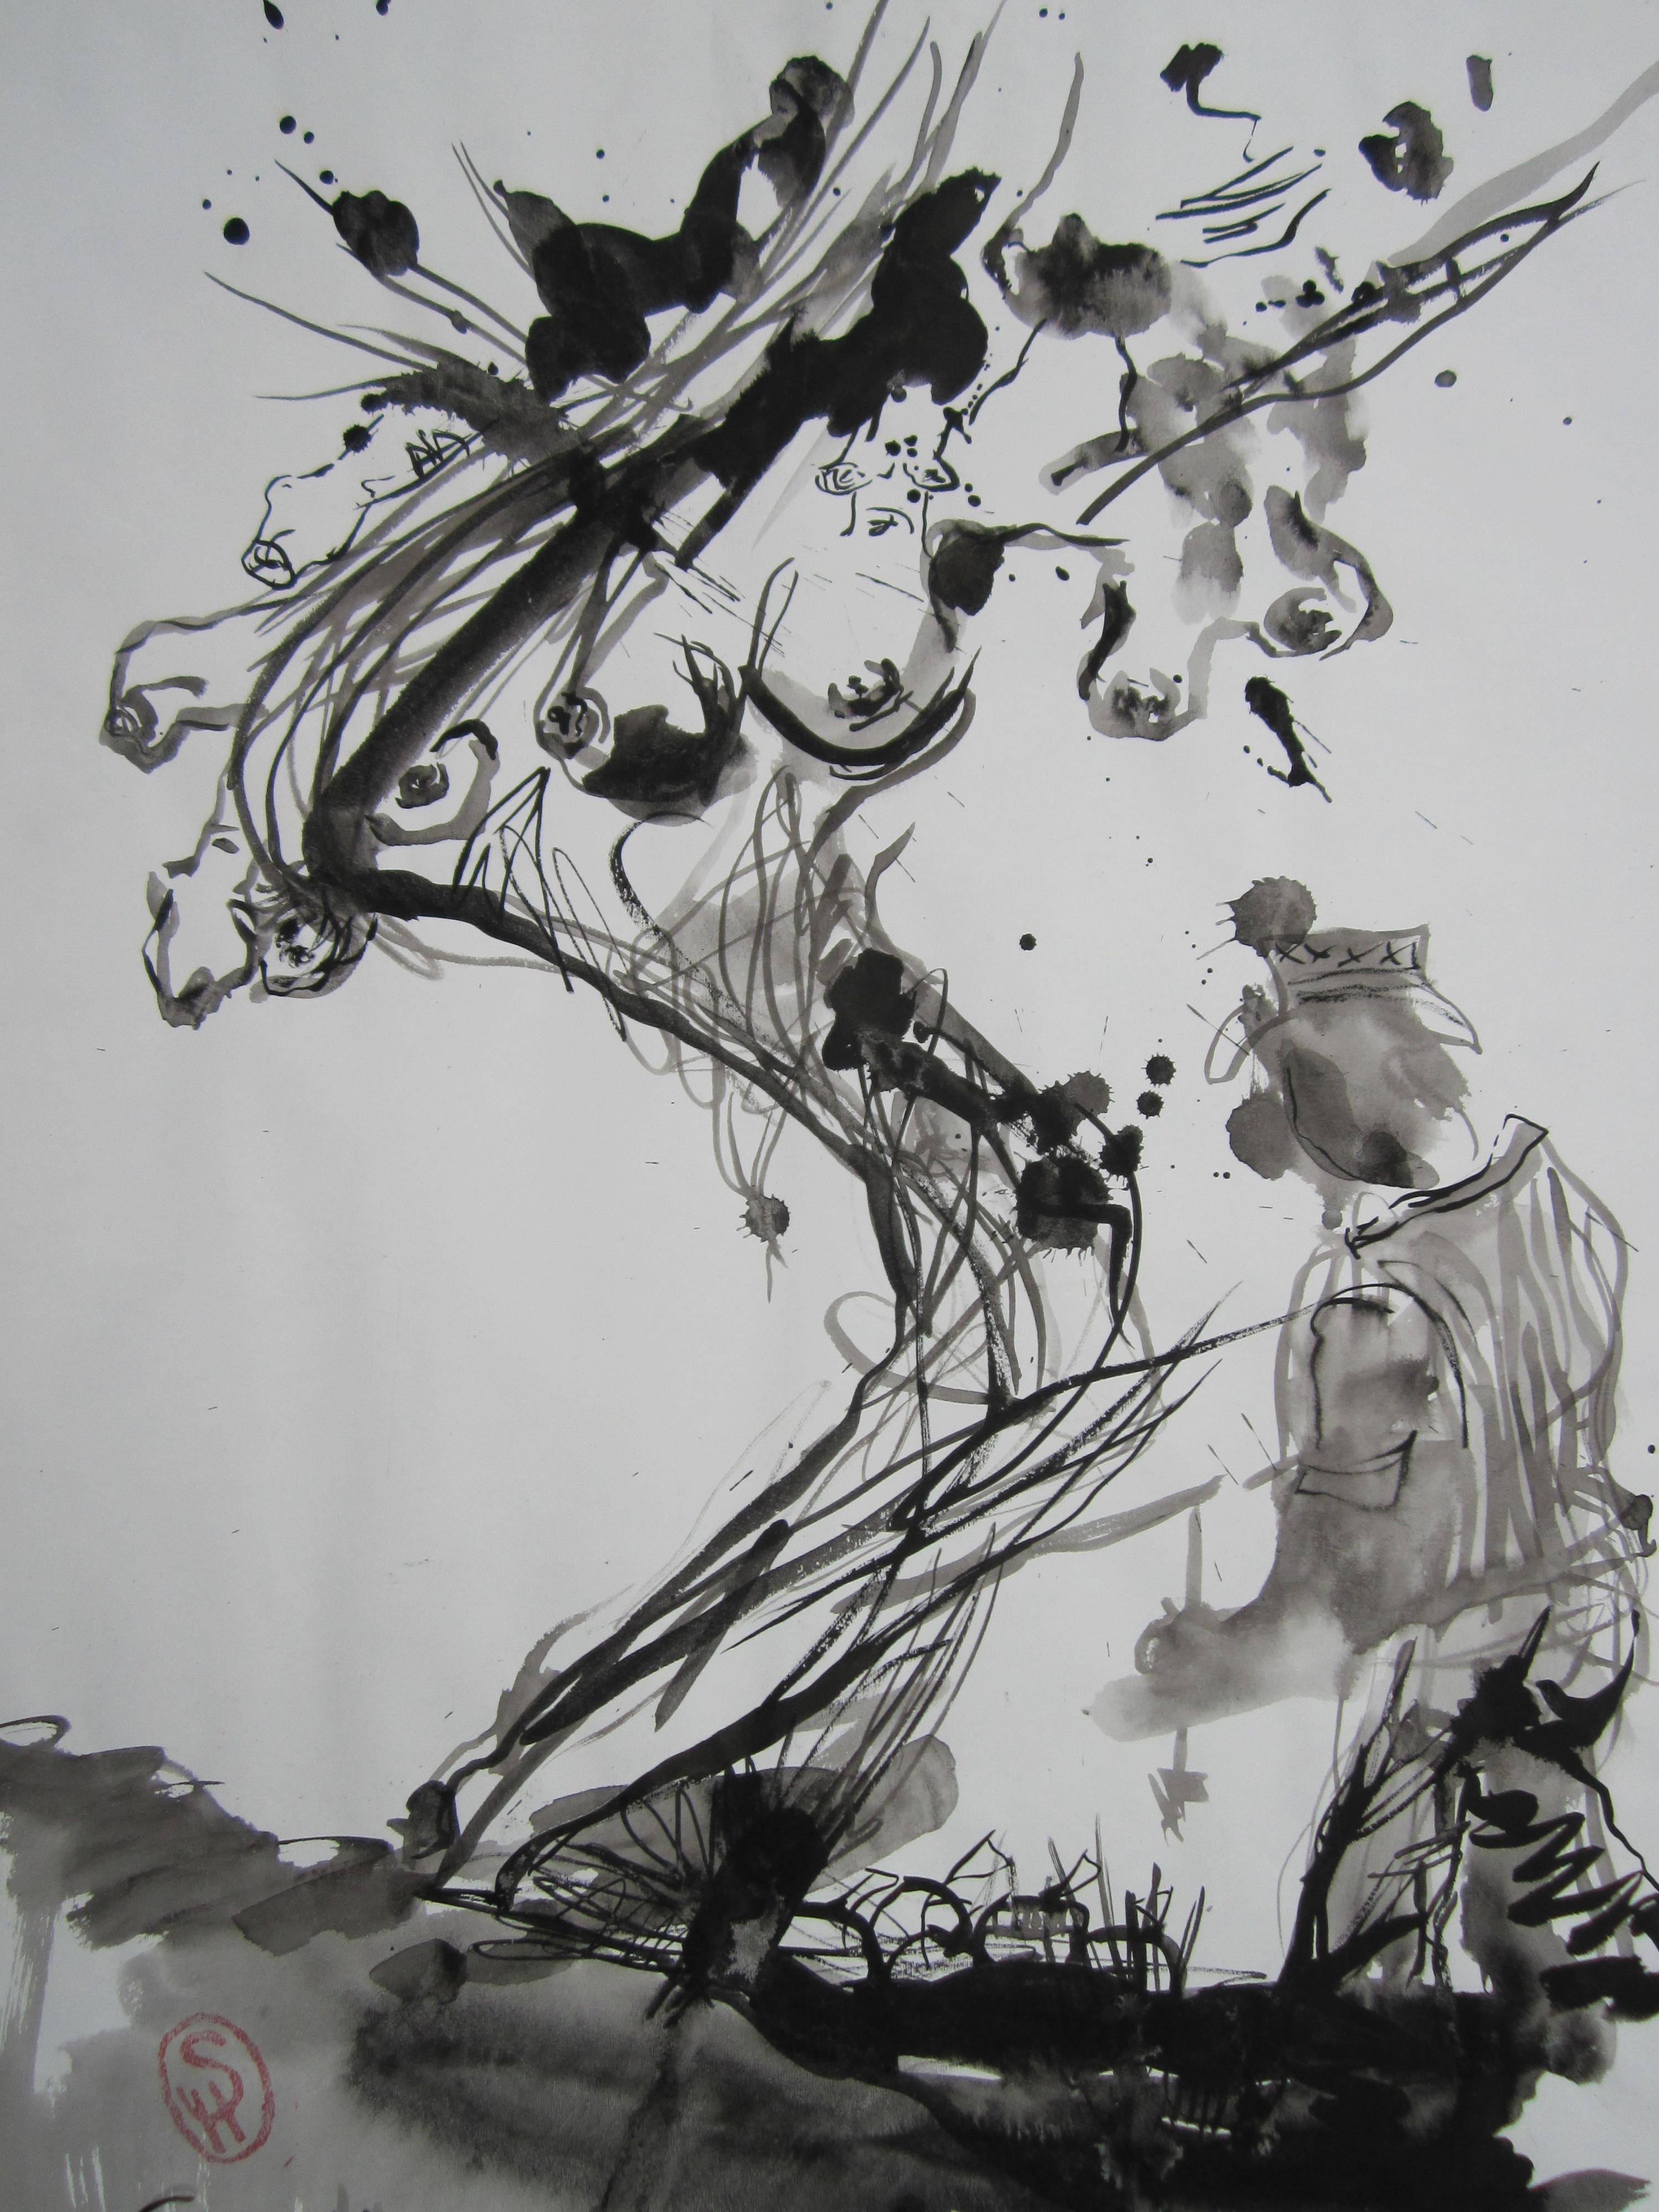 Bist du der Baum des Lebens? - Zeichnung von Susanne Haun - Tusche auf Wildseidenpapier - 70 x 50 cm - 2005